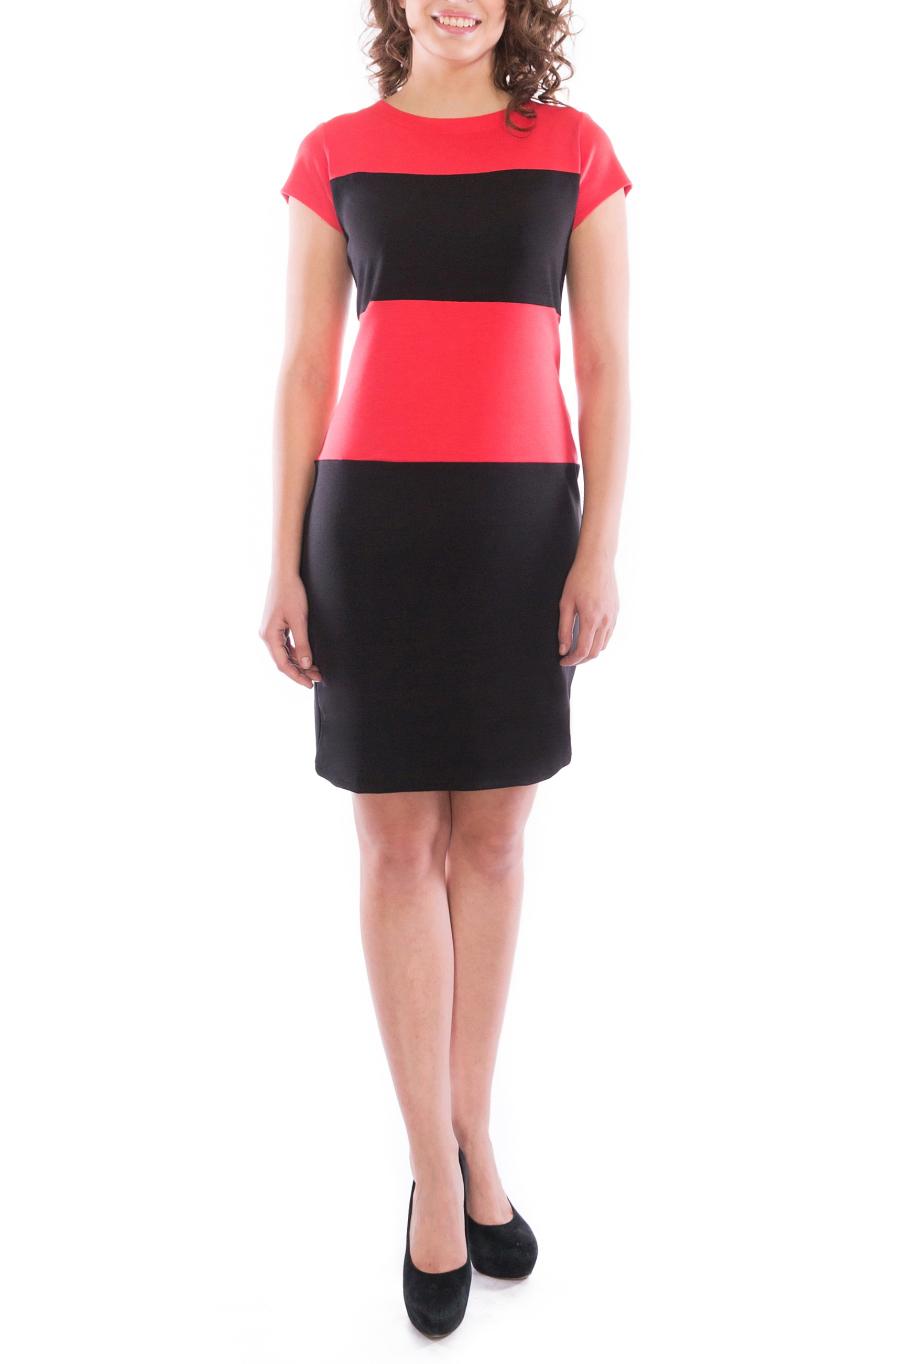 ПлатьеПлатья<br>Элегантное платье построенное на сочетании двух контрастных цветов. Классический вариант для офиса. Ткань - плотный трикотаж, характеризующийся эластичностью, растяжимостью и мягкостью. Ростовка изделия 170 см.  Длина изделия 96-98 см.  В изделии использованы цвета: черный, коралловый  Рост девушки-фотомодели 173 см<br><br>Горловина: С- горловина<br>По длине: До колена<br>По материалу: Вискоза,Трикотаж<br>По образу: Город,Свидание<br>По рисунку: В полоску,Цветные<br>По силуэту: Приталенные<br>По стилю: Повседневный стиль<br>По форме: Платье - футляр<br>Рукав: Короткий рукав<br>По сезону: Осень,Весна,Зима<br>Размер : 46,48,50,52<br>Материал: Трикотаж<br>Количество в наличии: 4